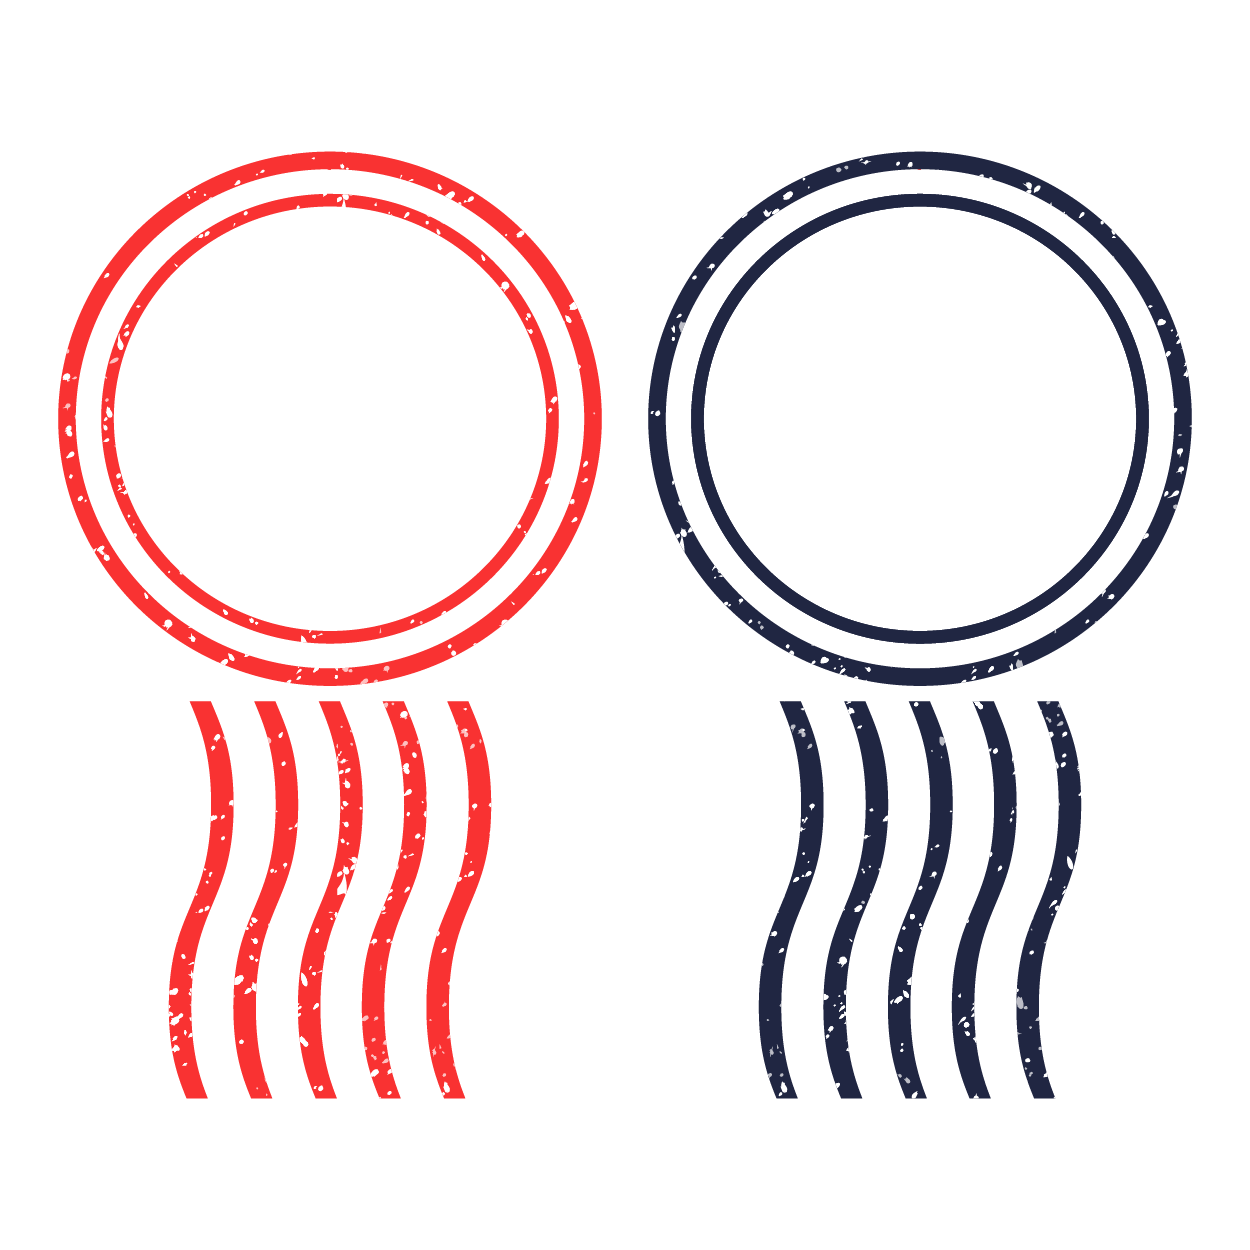 赤と青の郵便スタンプ風 イラスト | 商用フリー(無料)のイラスト素材